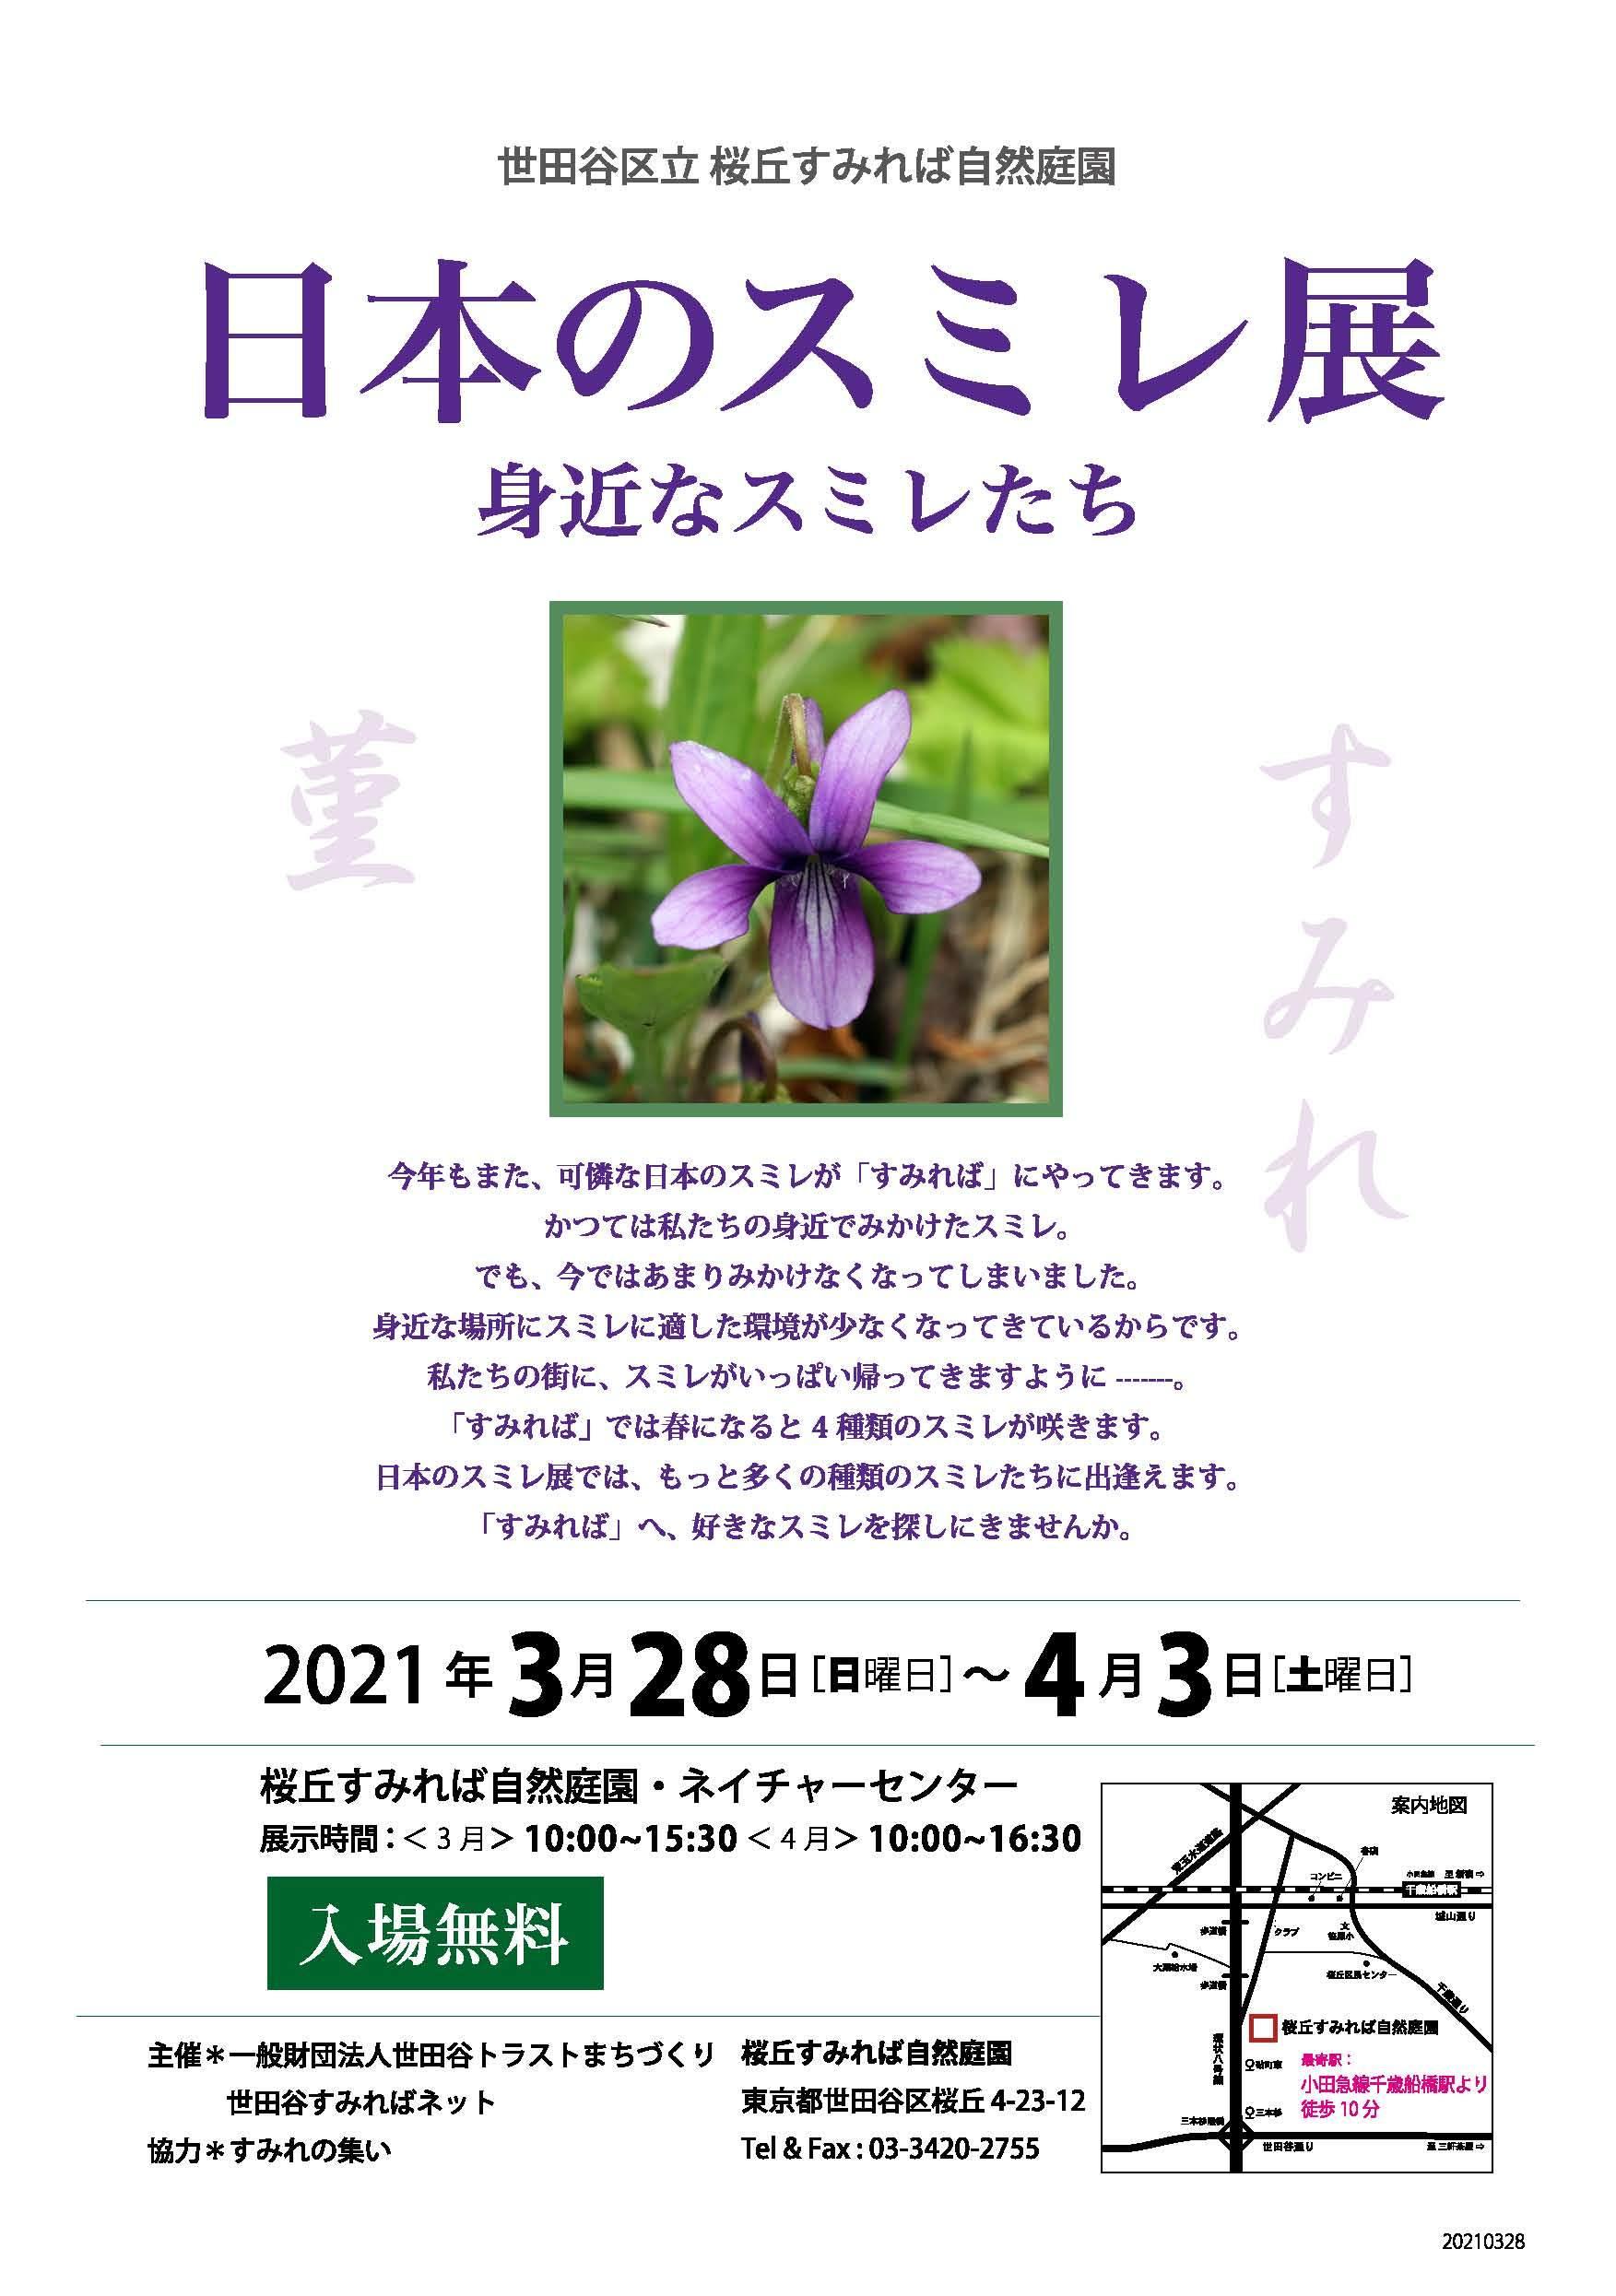 「日本のスミレ展」を開催します。_b0049307_13560667.png